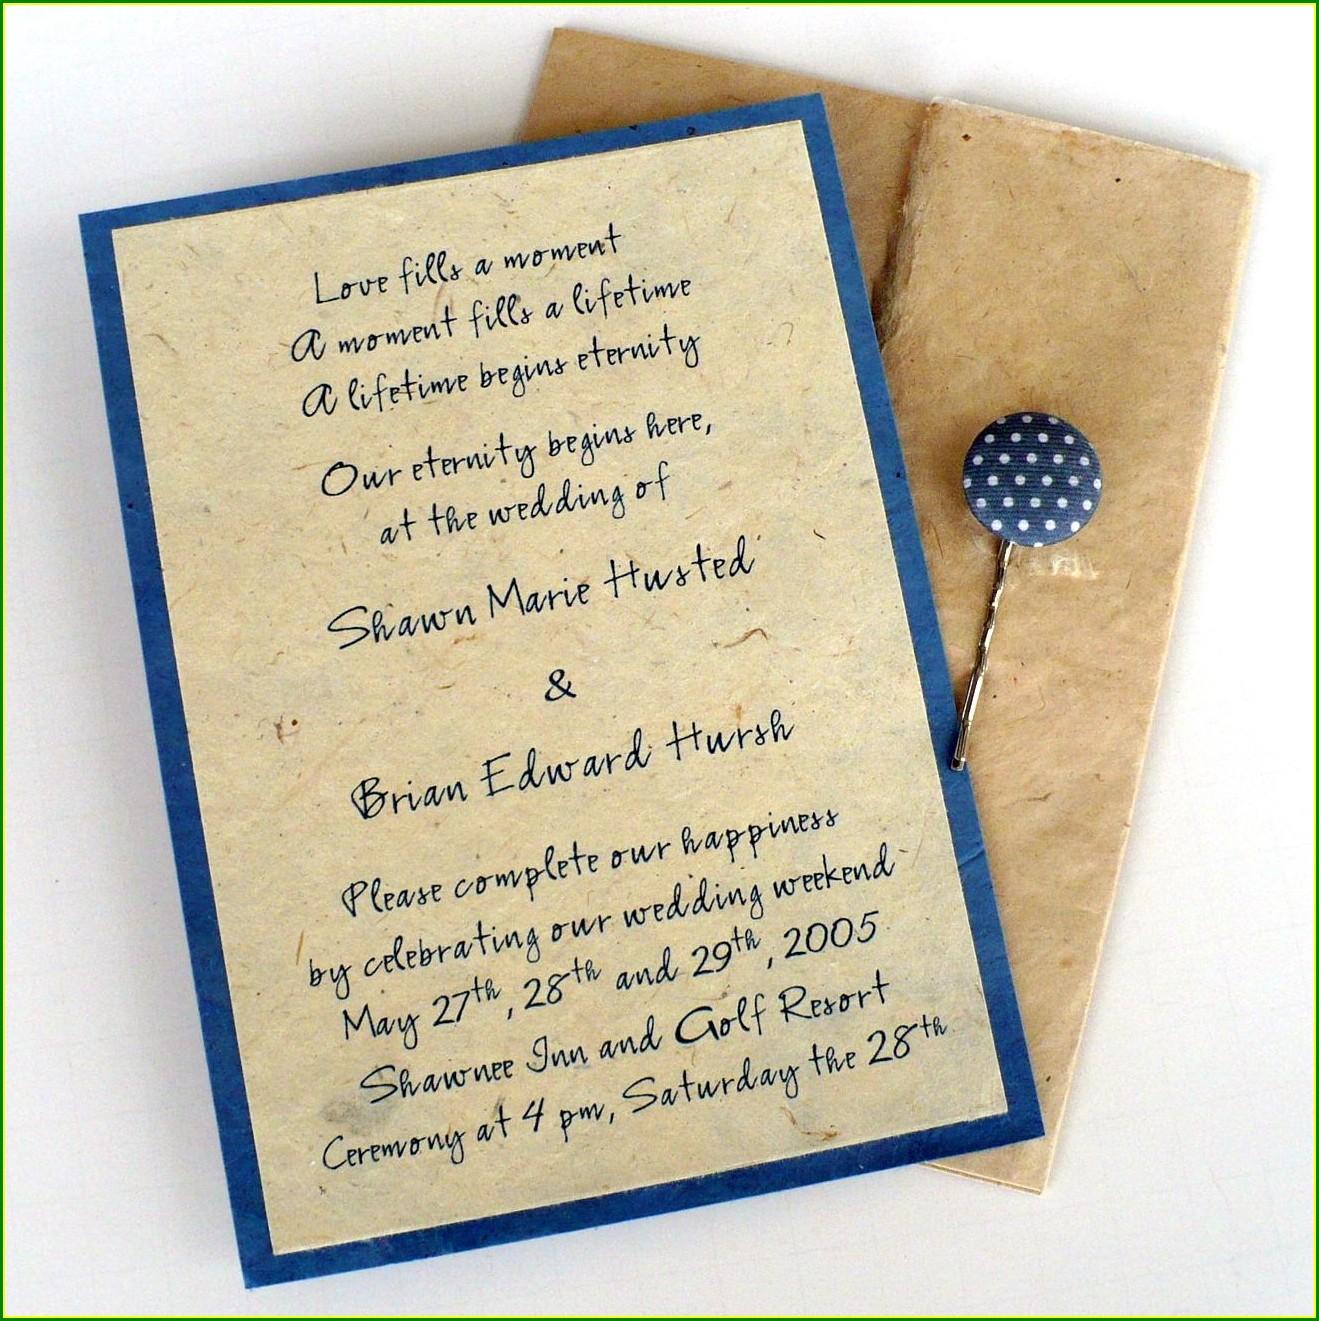 Creative Hindu Indian Wedding Invitation Wording